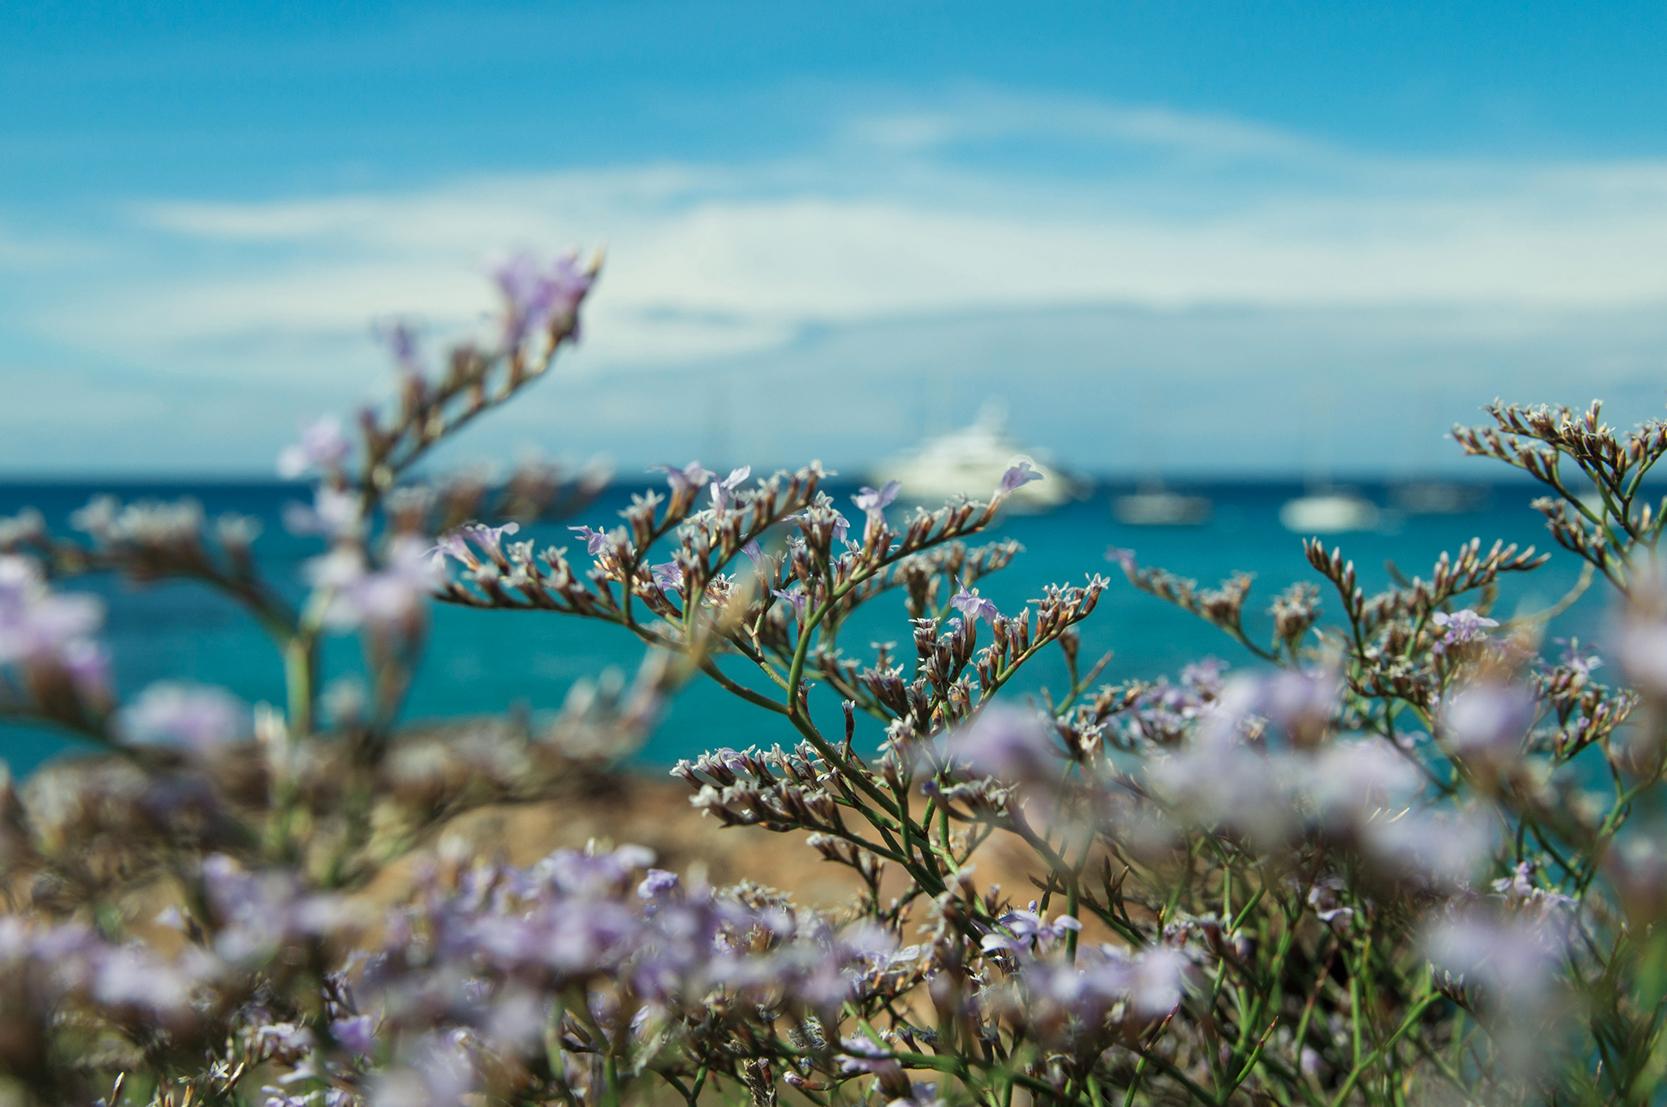 Colourful_ibiza_sea_purple_photo_summer.